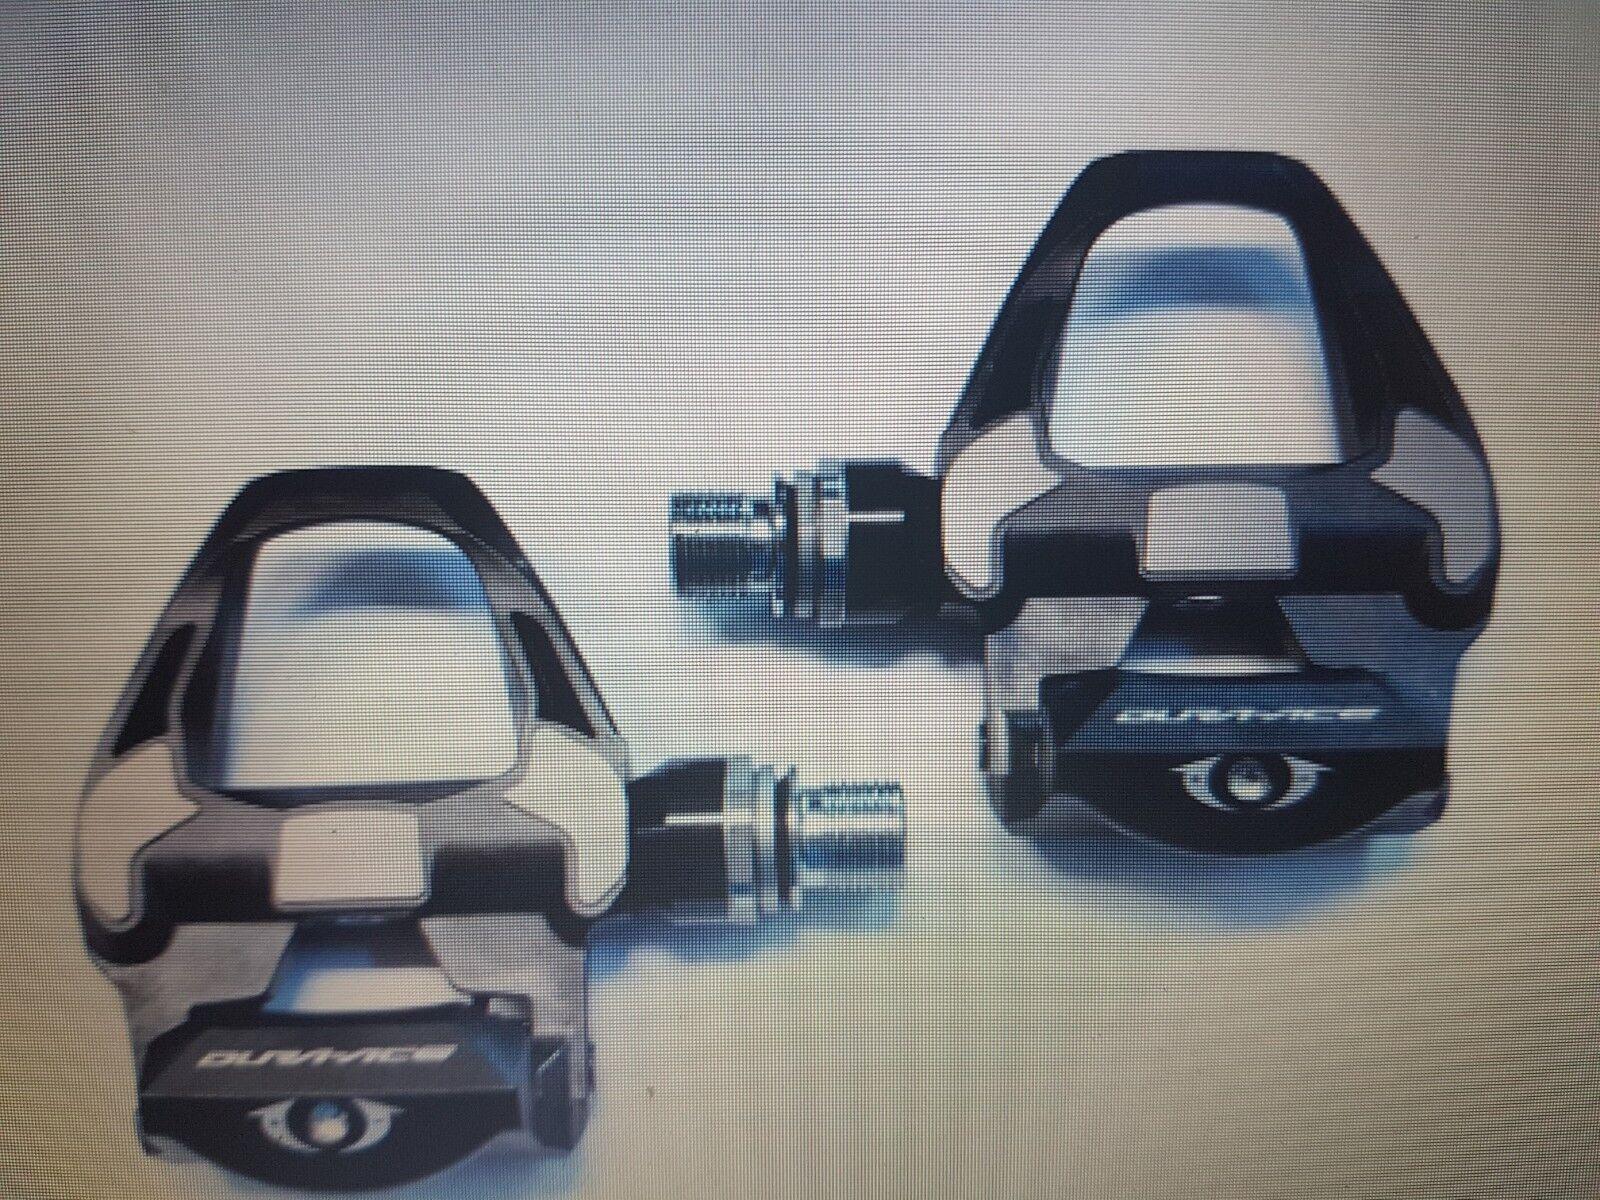 Pedali shiamano dura ace pd r9100 sl carbon in box con tacchette